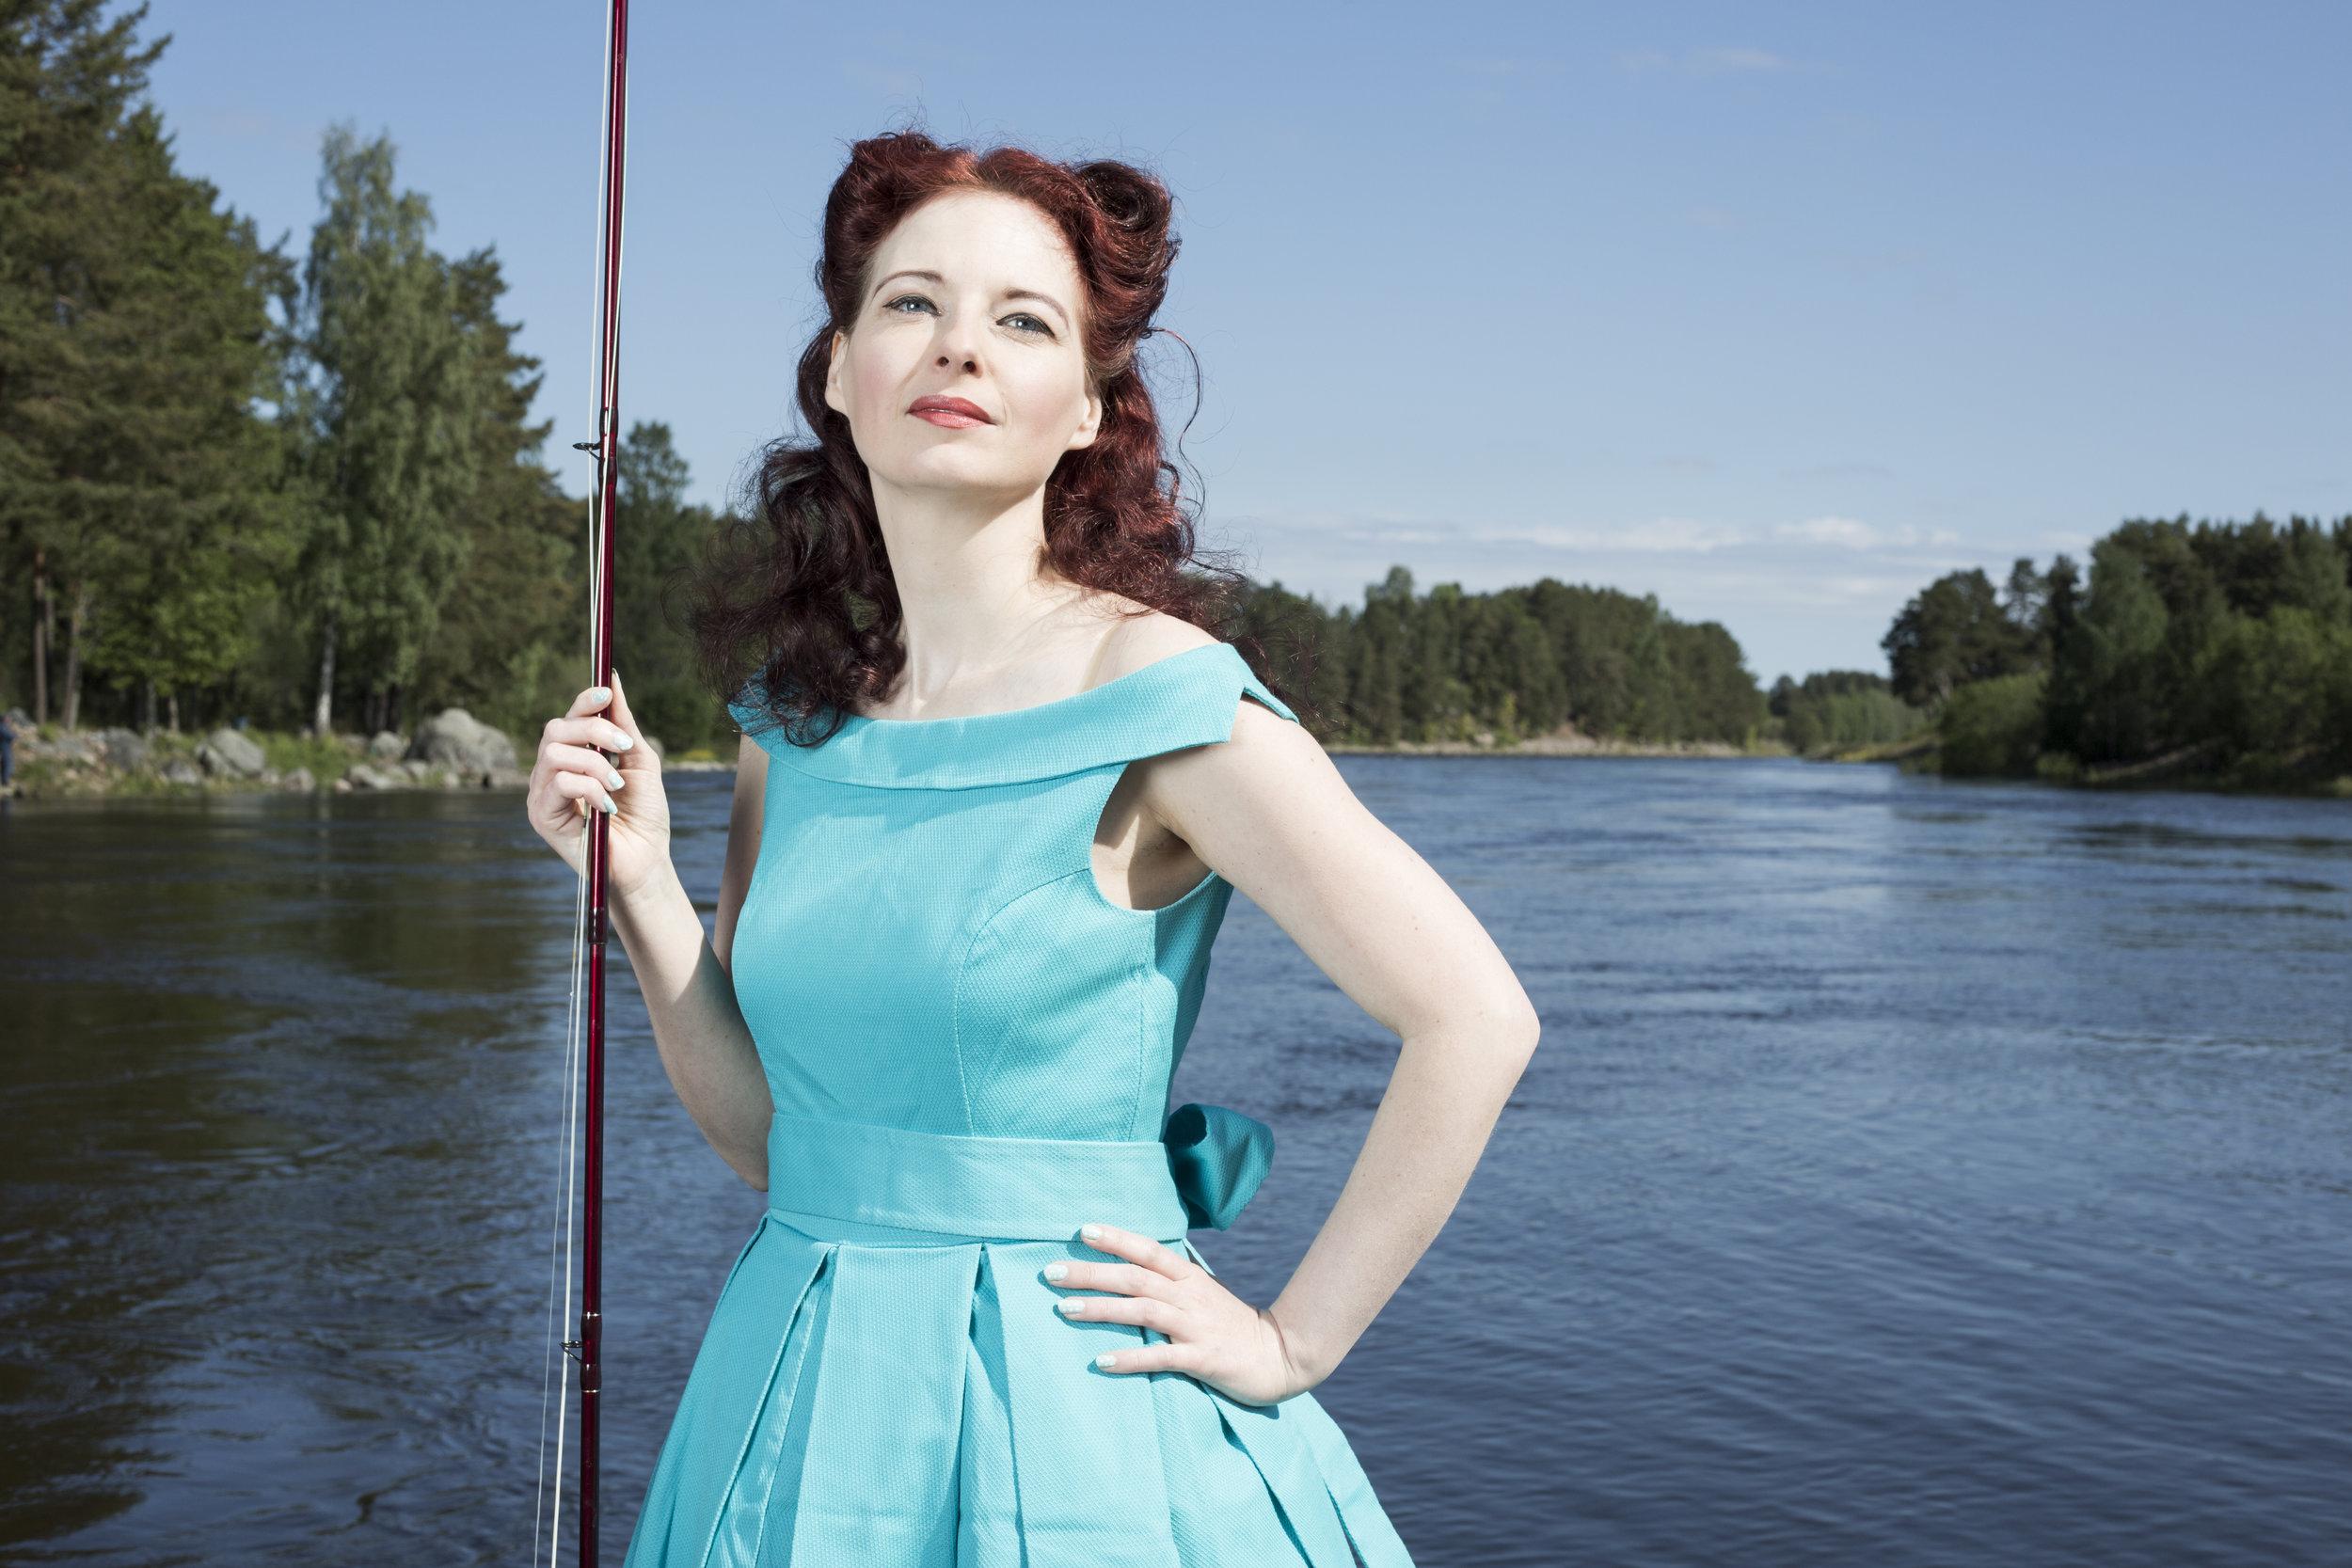 FISKA Fiska i Dalälven. Eller boka in en kurs i flugfiske hos   Sivan  , kapten för damlandslaget i flugfiske.